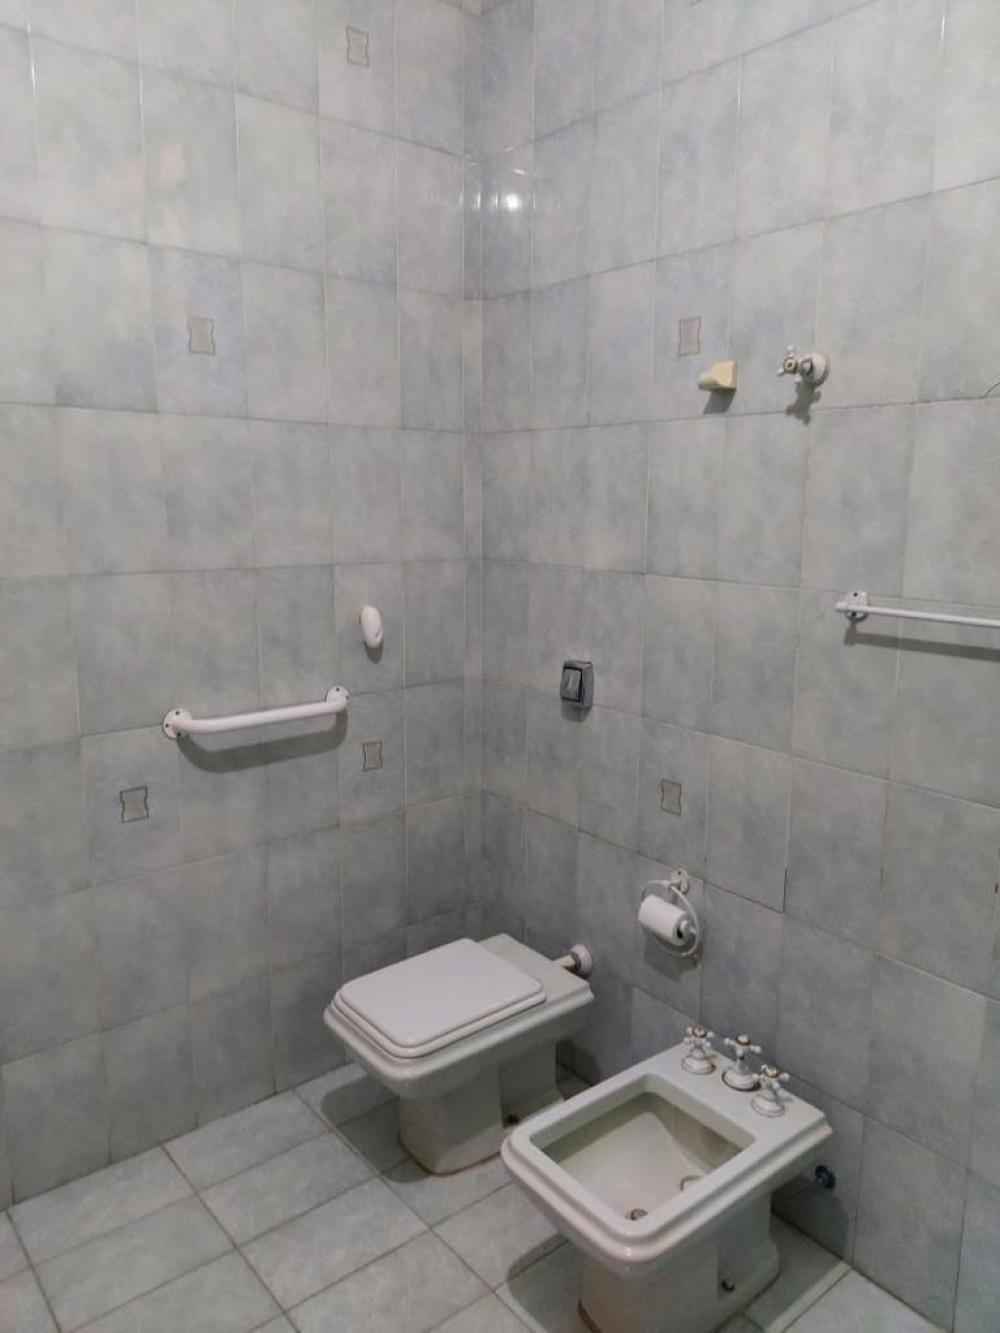 Alugar Comercial / Imóvel Comercial em Ribeirão Preto R$ 6.000,00 - Foto 17